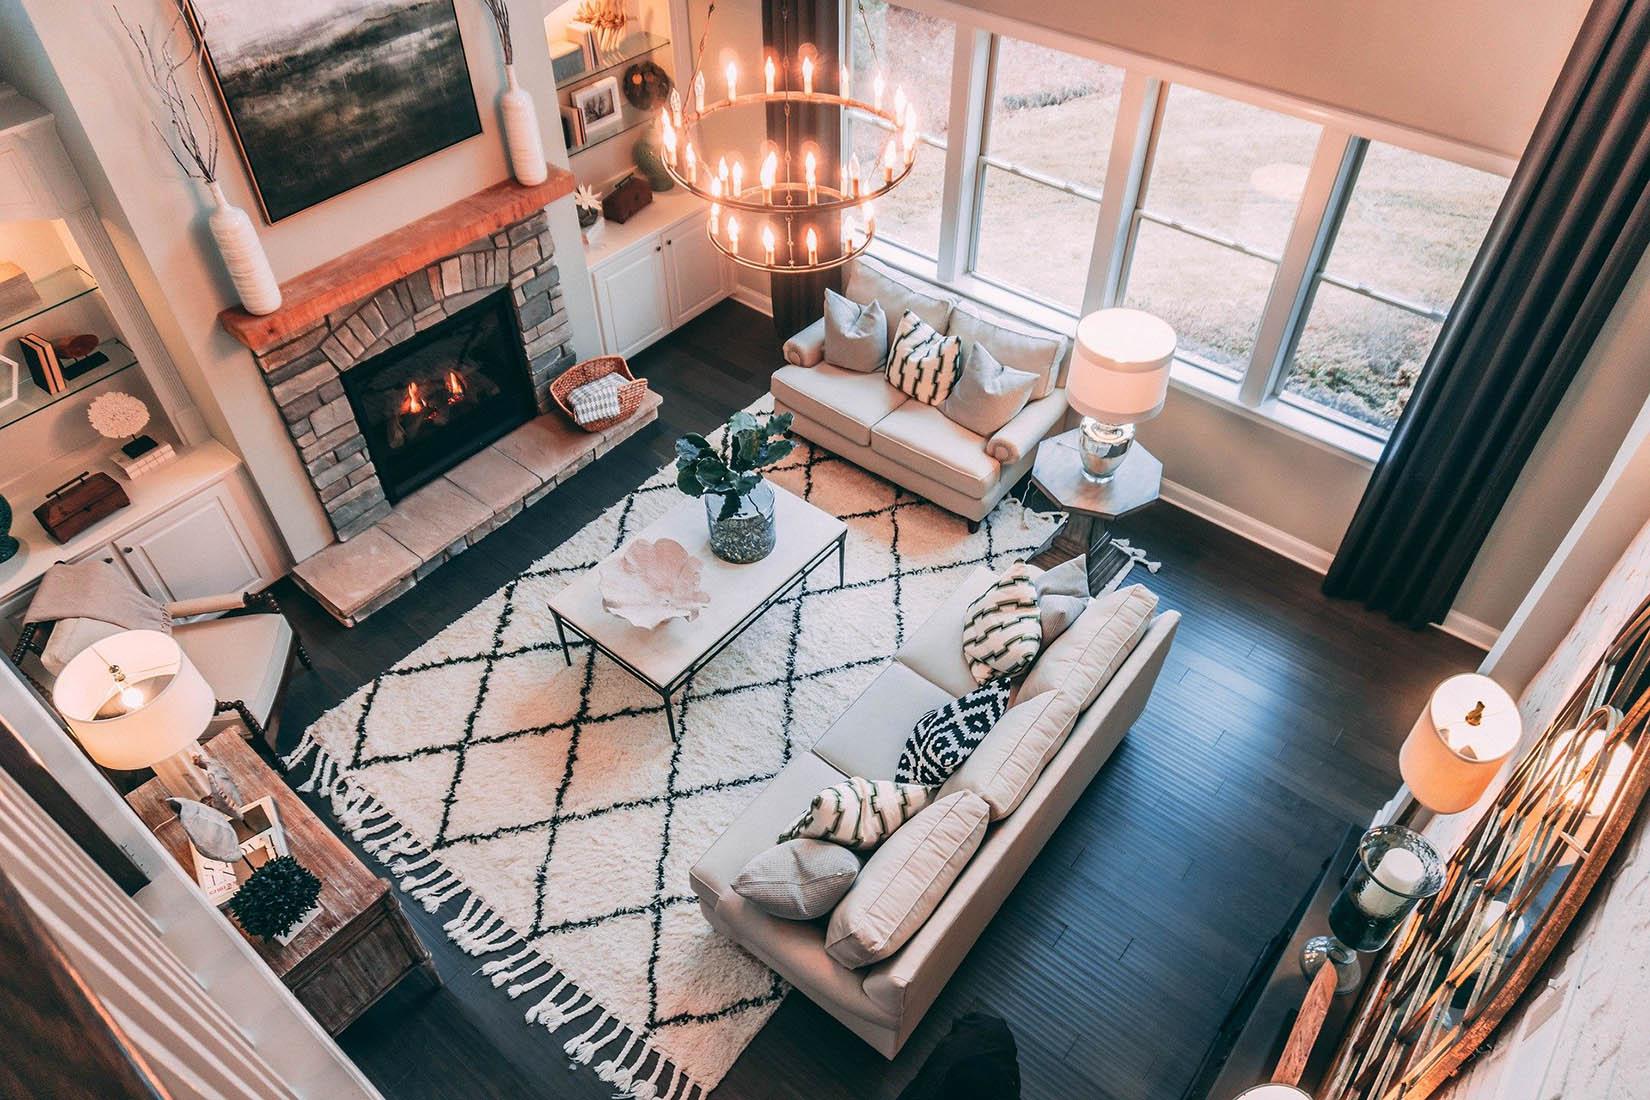 Çalışmadan ve mobilyayı değiştirmeden bir oturma odası nasıl yenilenir